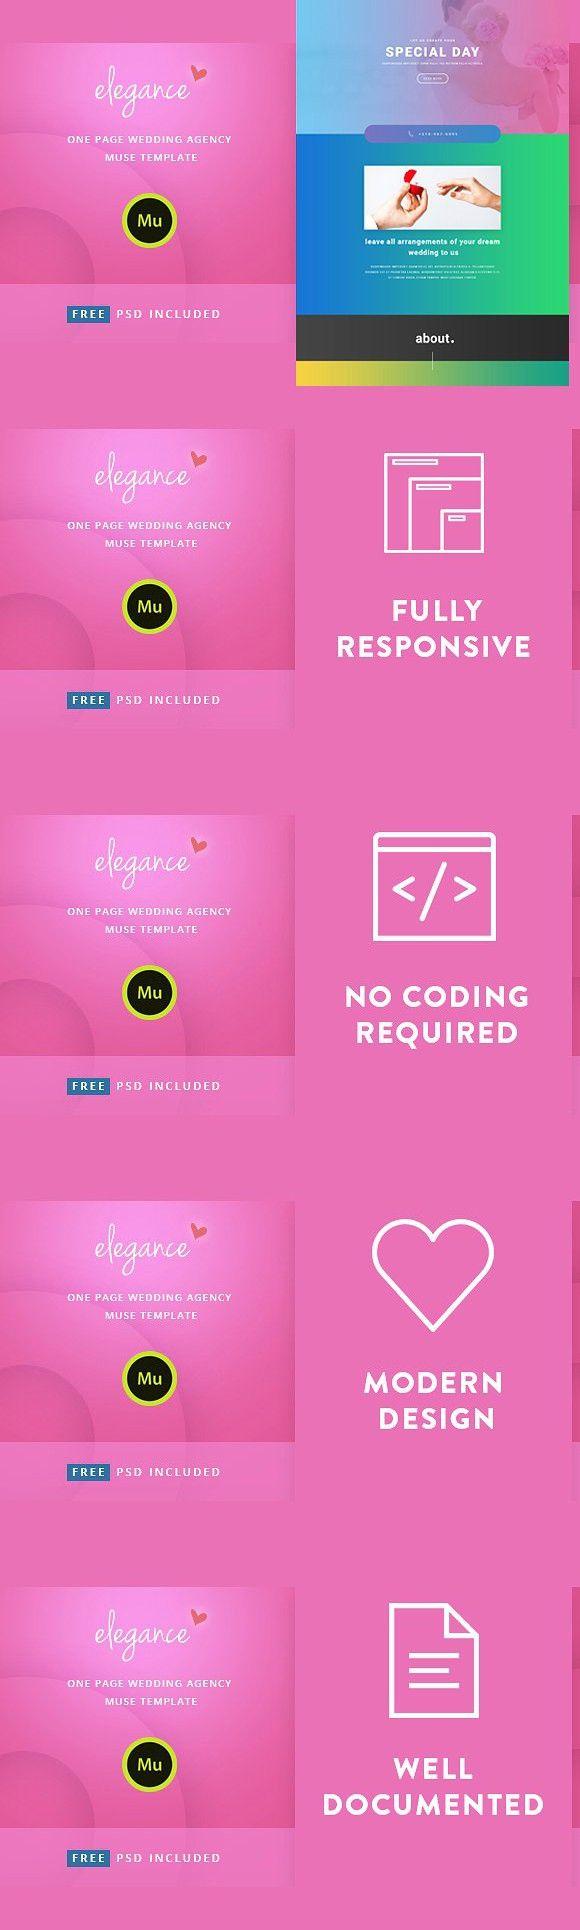 687 besten HTML/CSS Themes Bilder auf Pinterest   Fahrschule ...